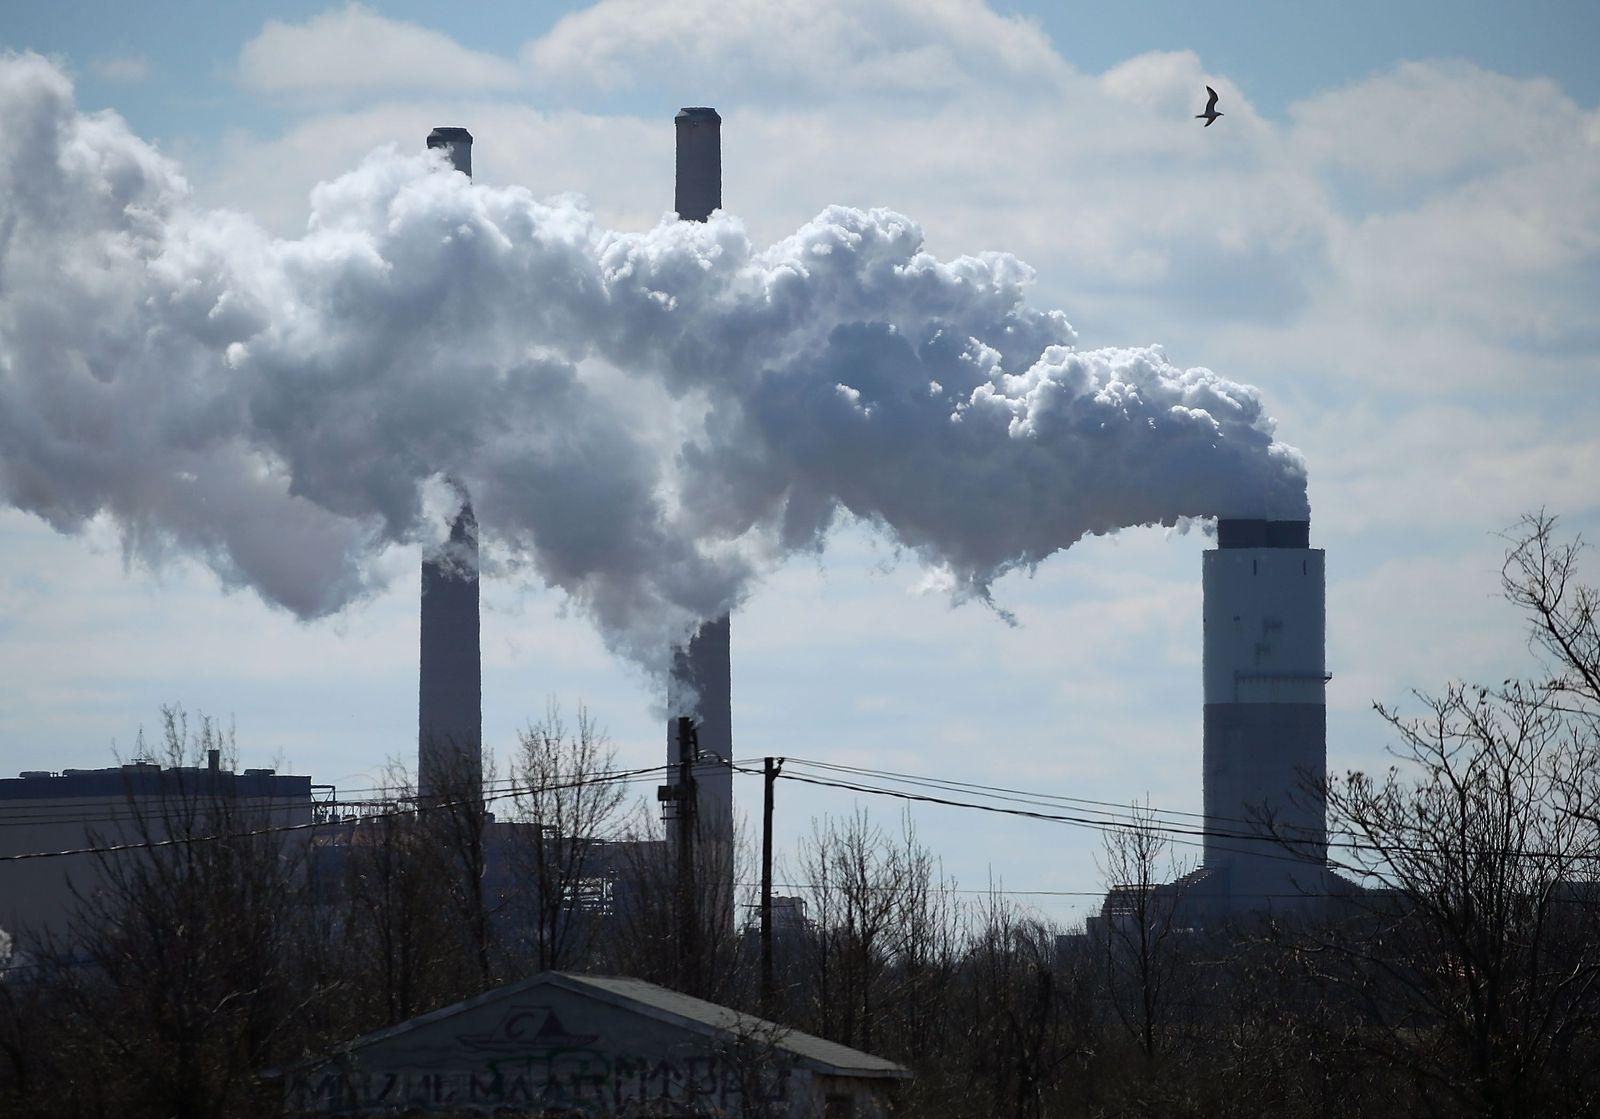 USA/ Industrie/ Luftverschmutzung/ Umweltverschmutzung/ Klima